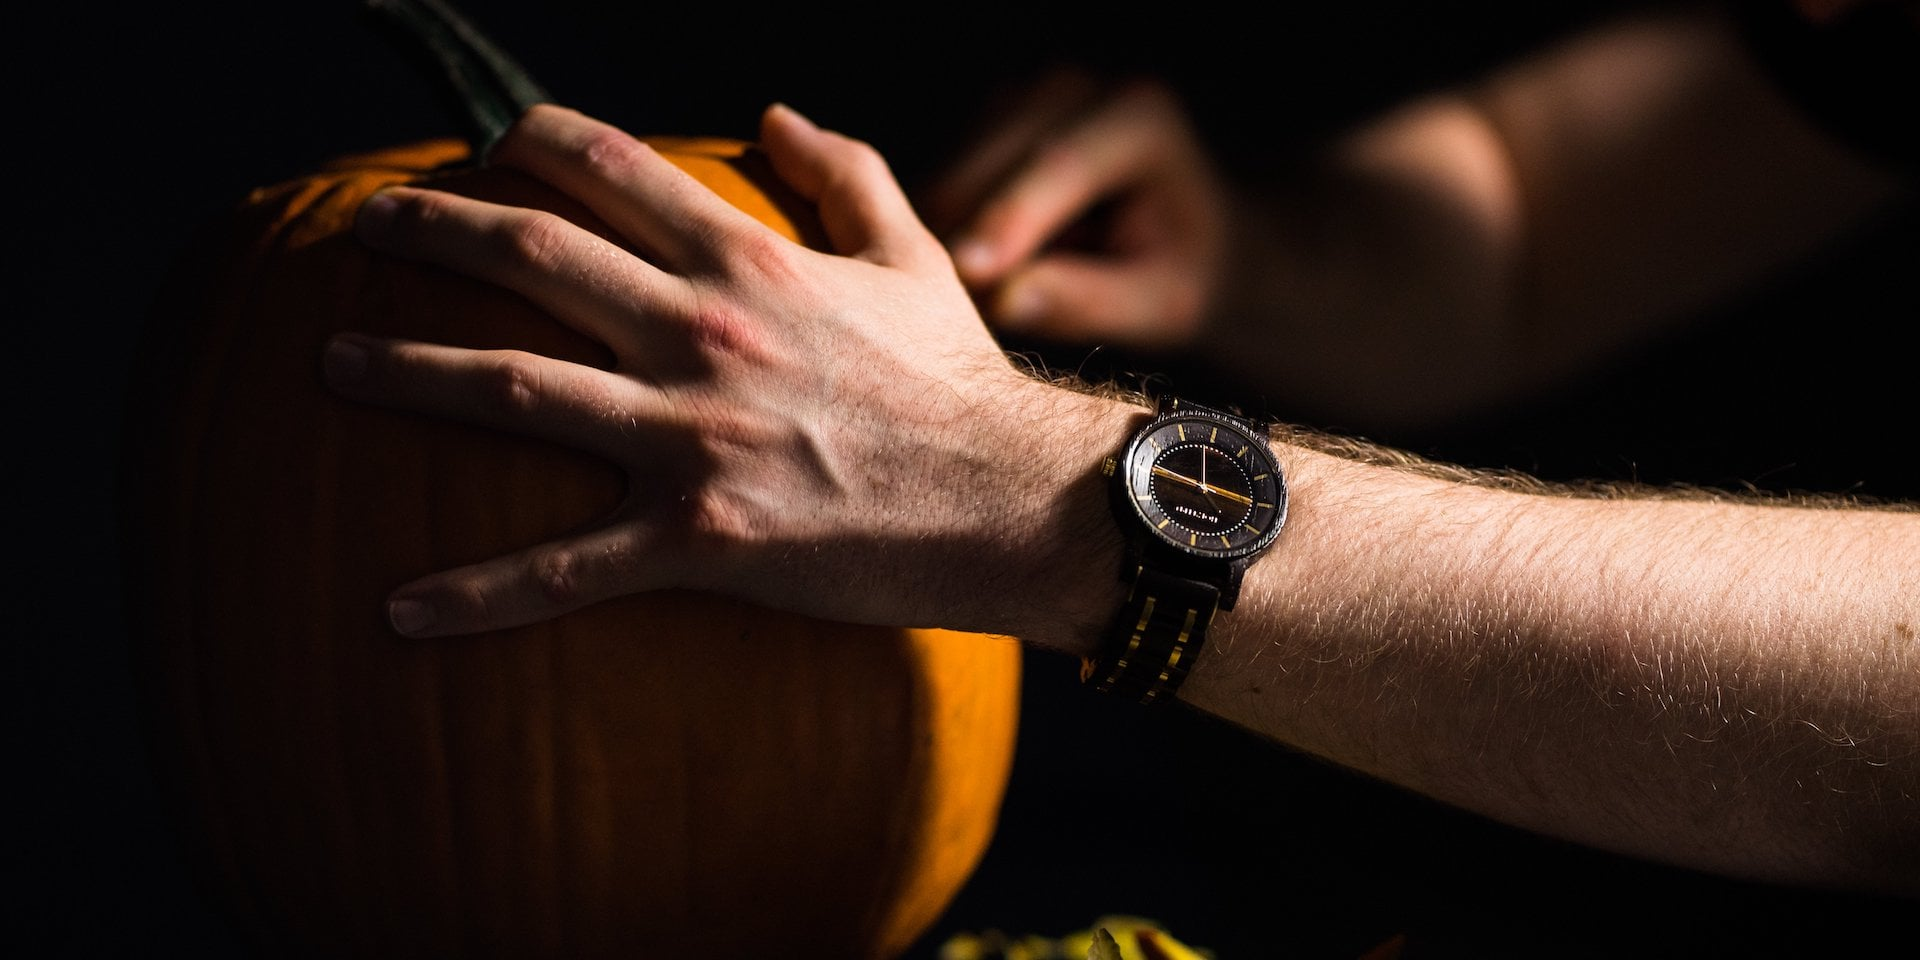 Unser Kollege Jannick trägt die Uhr Christoph beim Kürbisschnitzen